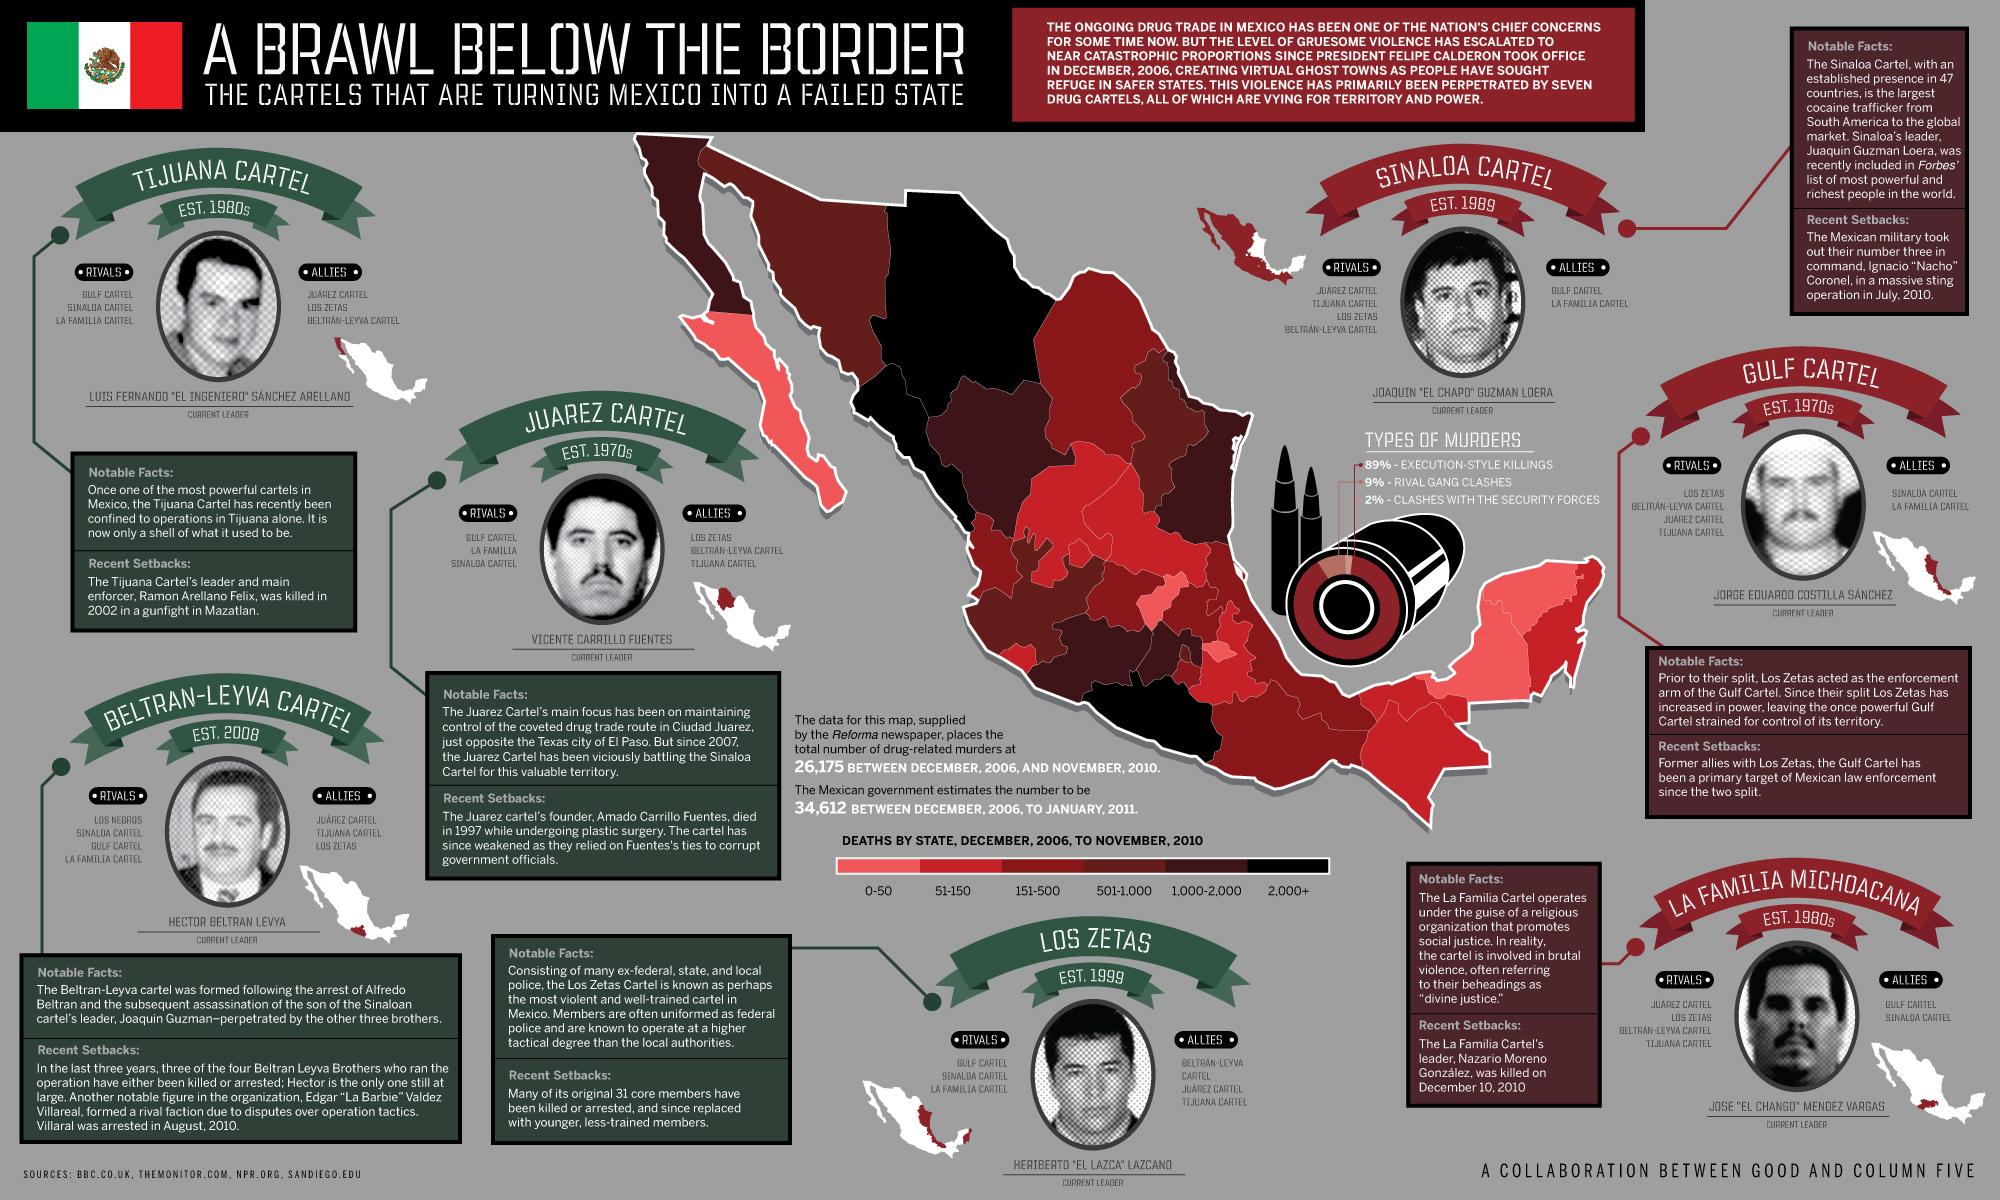 Co robi prezydent Meksyku z kartelami narkotykowymi